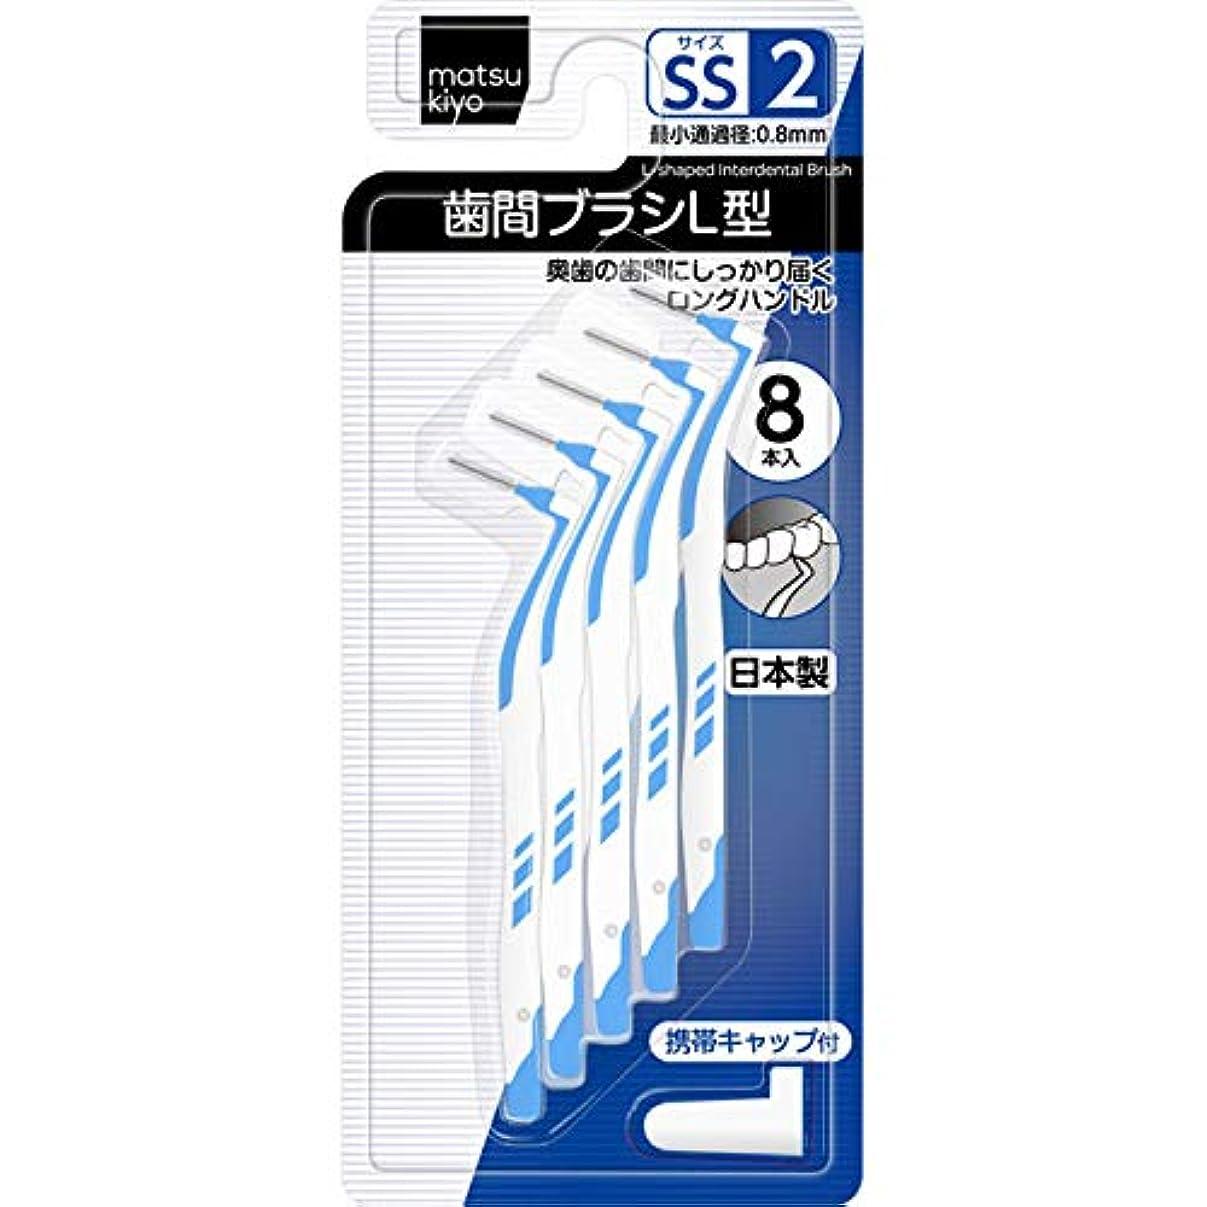 代表永続征服する毅?インエグゼサプライ matsukiyo 歯間ブラシL型 サイズ2(SS) 8本